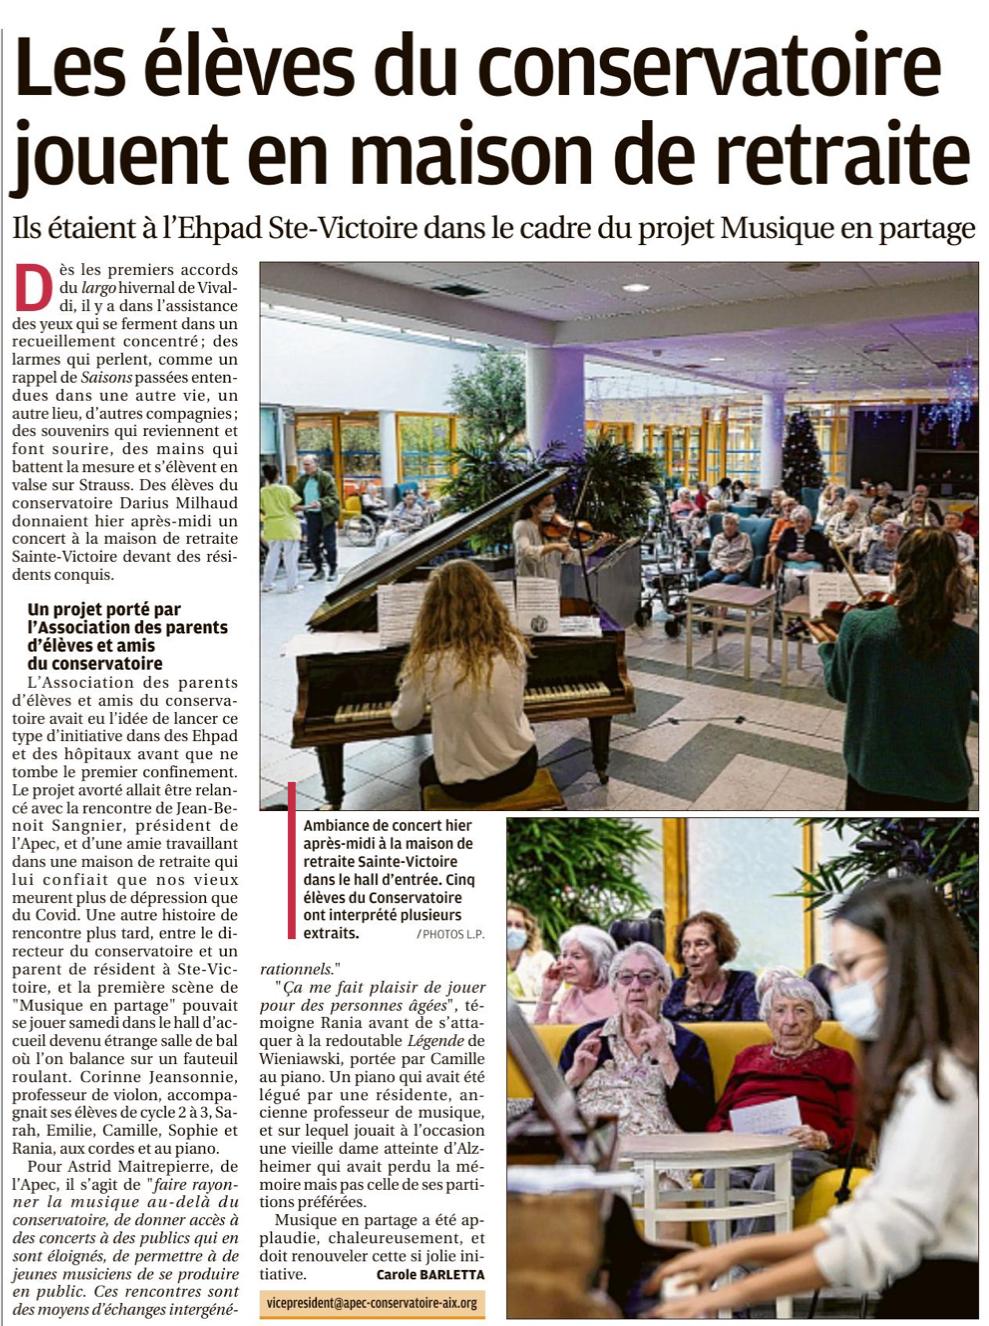 les élèves du conservatoire jouent à la maison de retraite sainte victoire à Aix en Provence